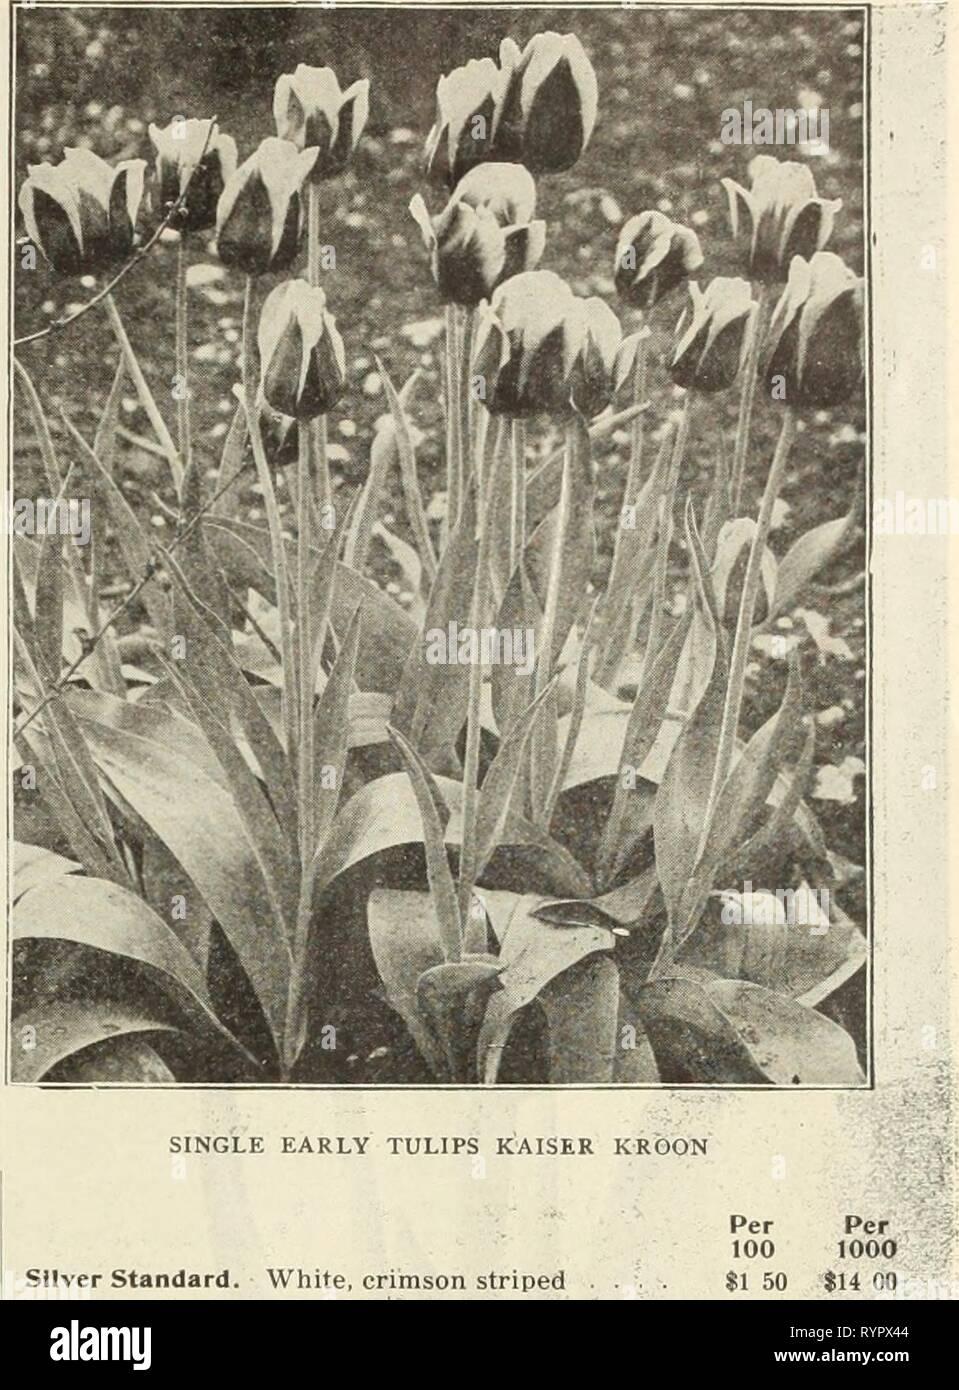 Dreer all'ingrosso listino prezzi Dreer all'ingrosso listino prezzi : lampadine per fioristi impianti per fioristi semi di fiori per fioristi fungicidi, fertilizzanti, insetticidi, attrezzi, ecc . dreerswholesalep1912henr Anno: 1912 DOPPIO TULIPANI MURILLO Argento Standard. Bianco, crimson striped .... Sir Thos. Lipton. Il più ricco di tutti i tulipani scarlatto, ultra-sottili 2 35 22 00 Thomas Moore. Arancio brillante, fine 85 7 00 Vermiglio brillante. Vermiglio scarlet, fine. . . 185 17 50 Falco bianco (Albion). Un bel bianco puro bedder o forzare l 50 13 00 Wouverman. Violetto, ammenda bedder 2 50 24 00 Prince giallo. Golden Foto Stock